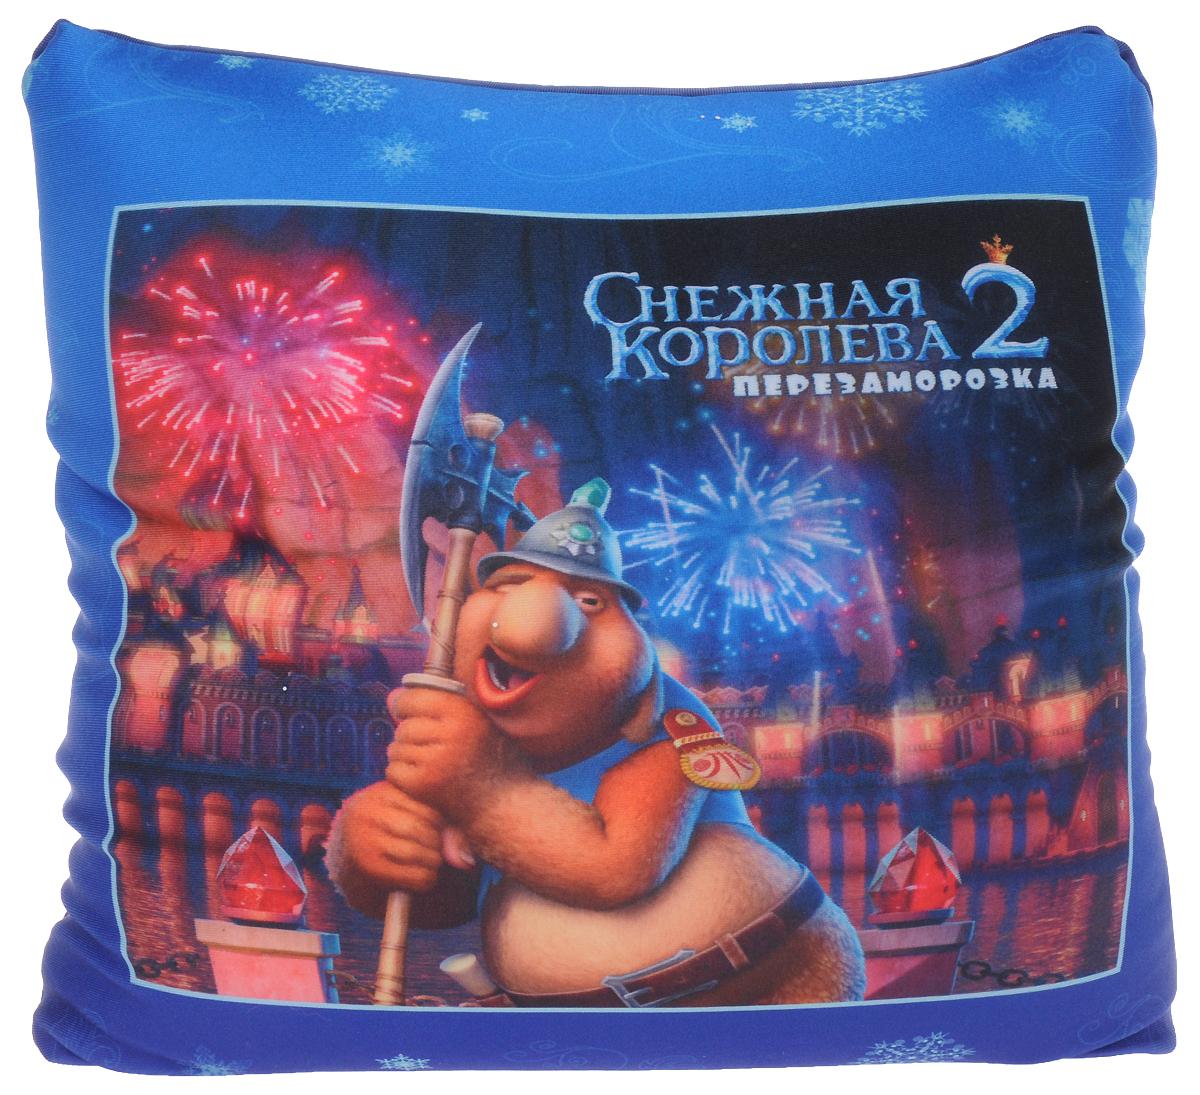 СмолТойс Мягкая игрушка-подушка Снежная Королева 2 цвет темно-синий 30 см игрушка антистресс смолтойс кукла анюта 30 см